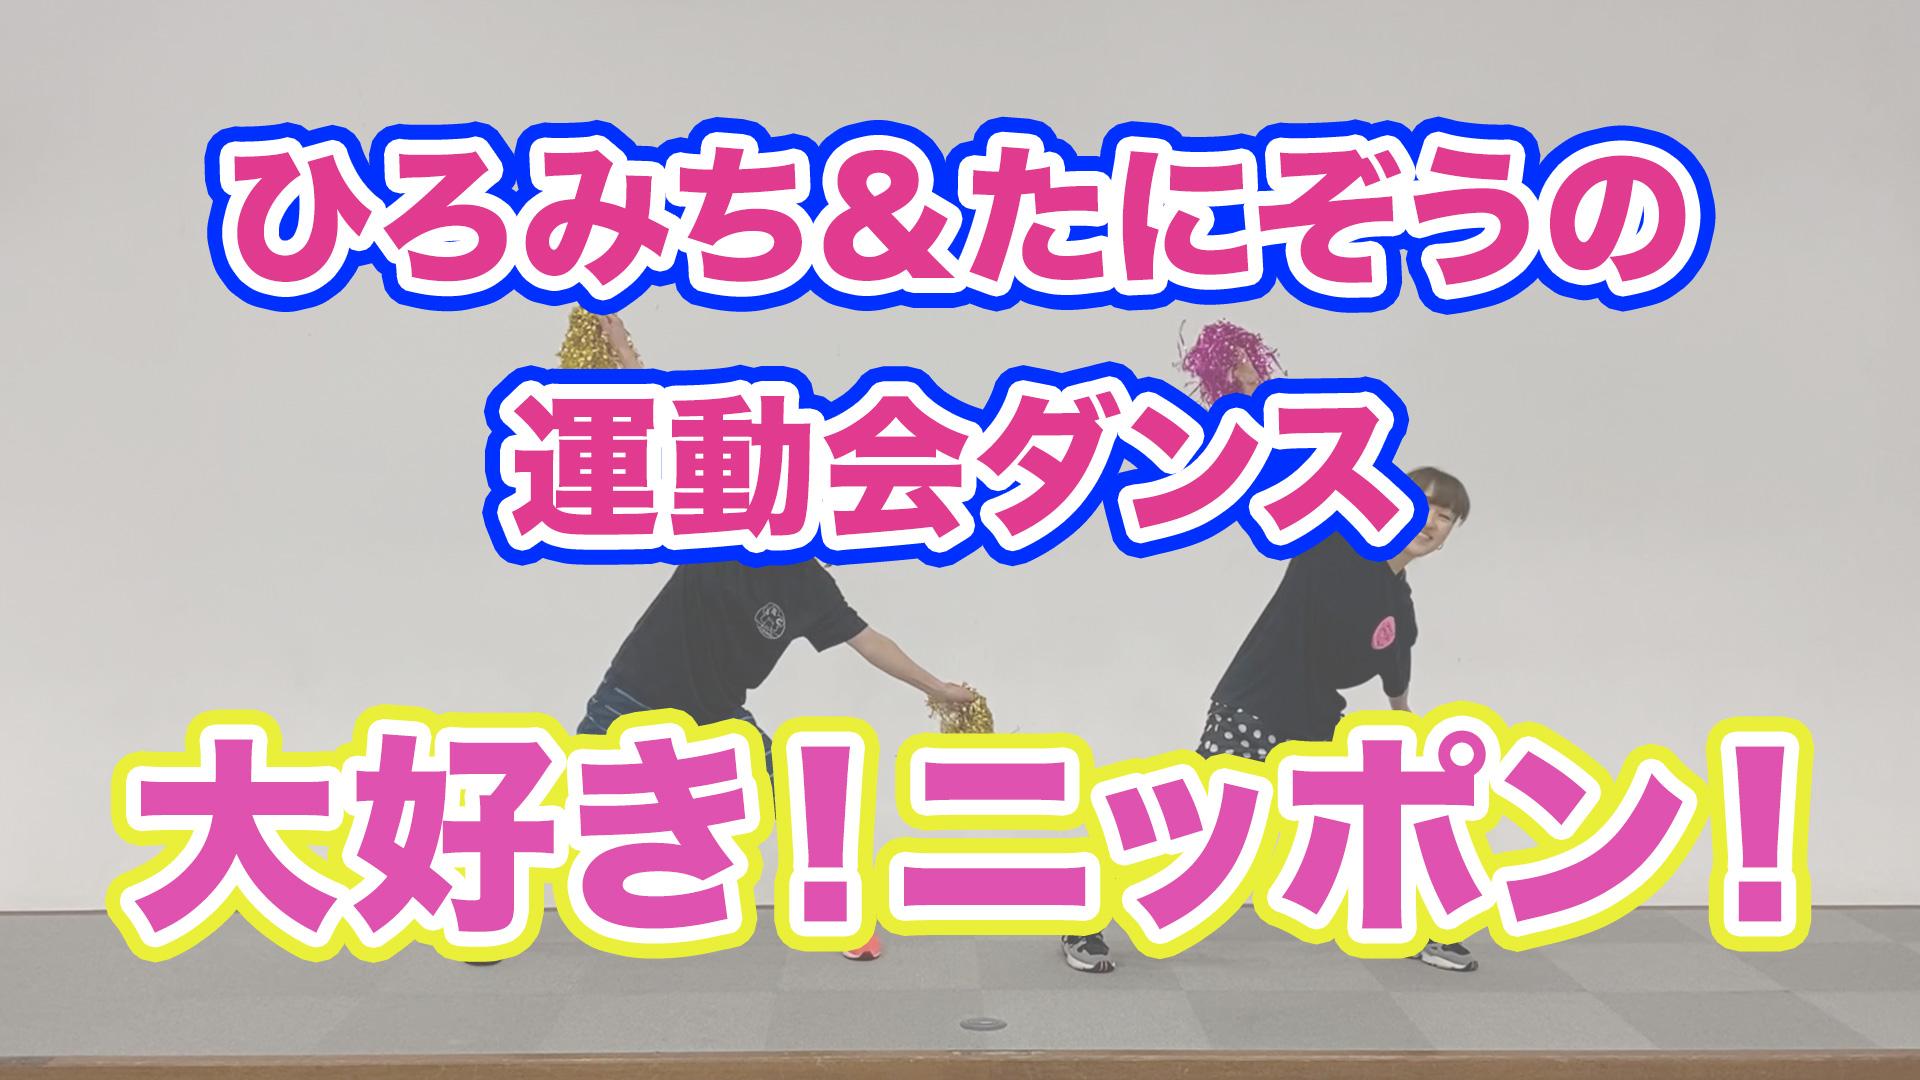 大好き!ニッポン!(5歳児/ダンス)ひろみち&たにぞう